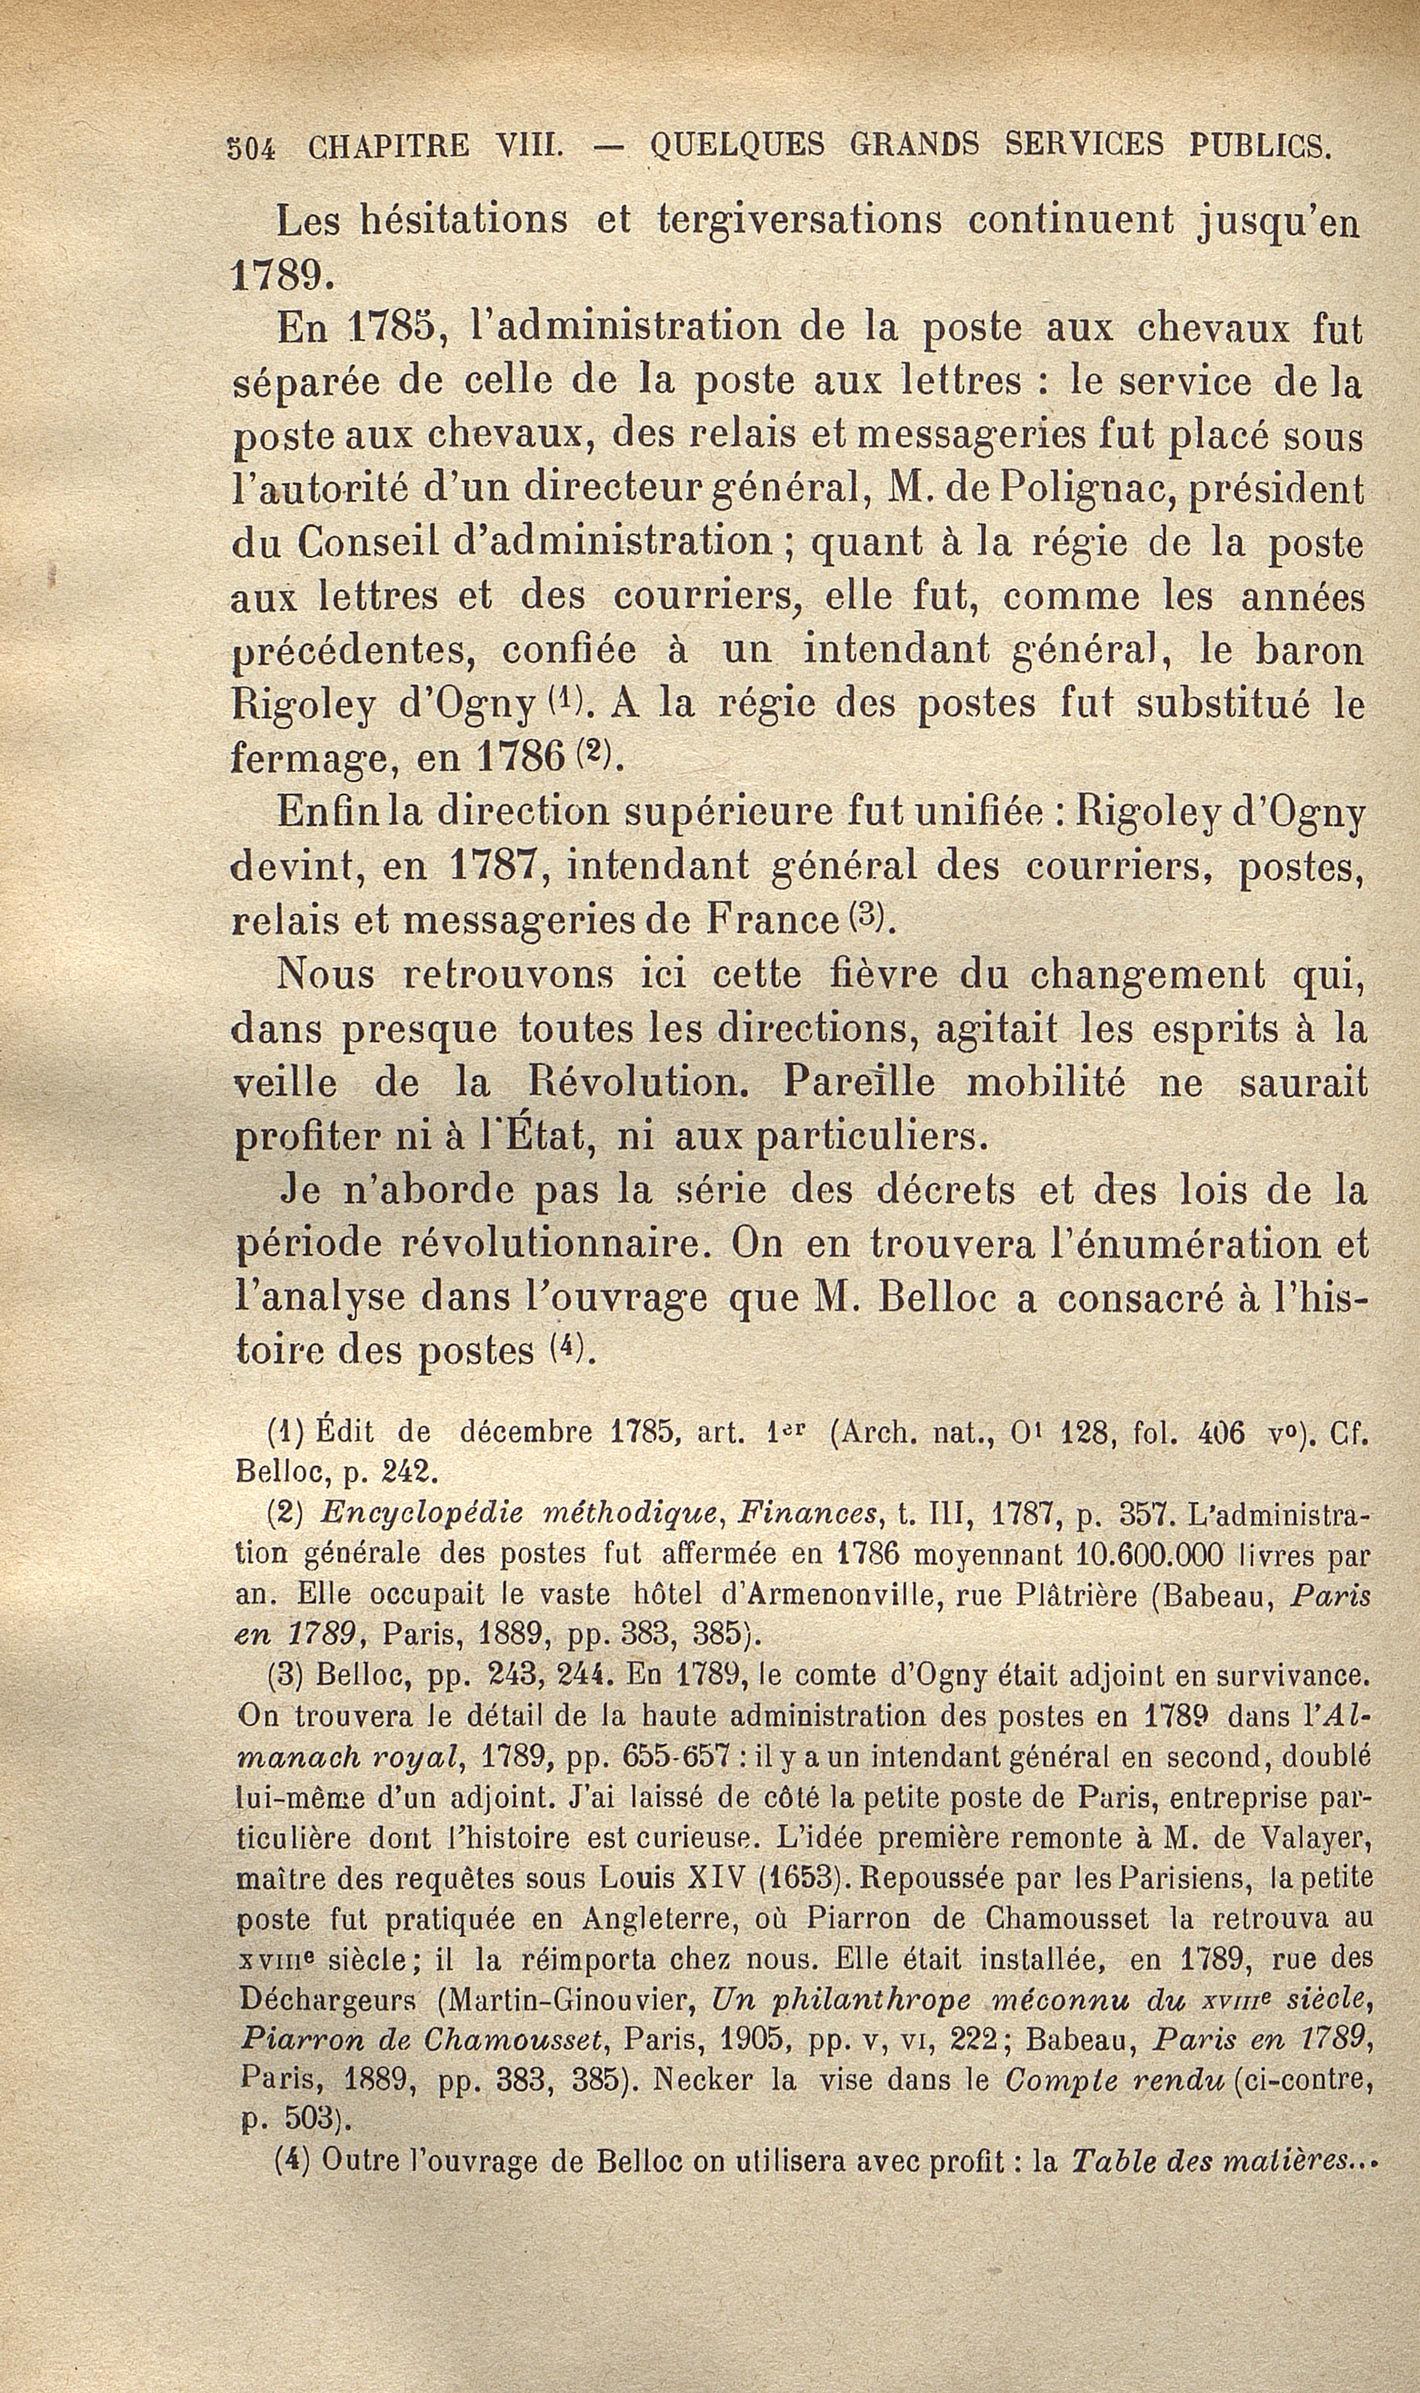 http://expo-paulviollet.univ-paris1.fr/wp-content/uploads/2016/02/0605381272_0518.jpg